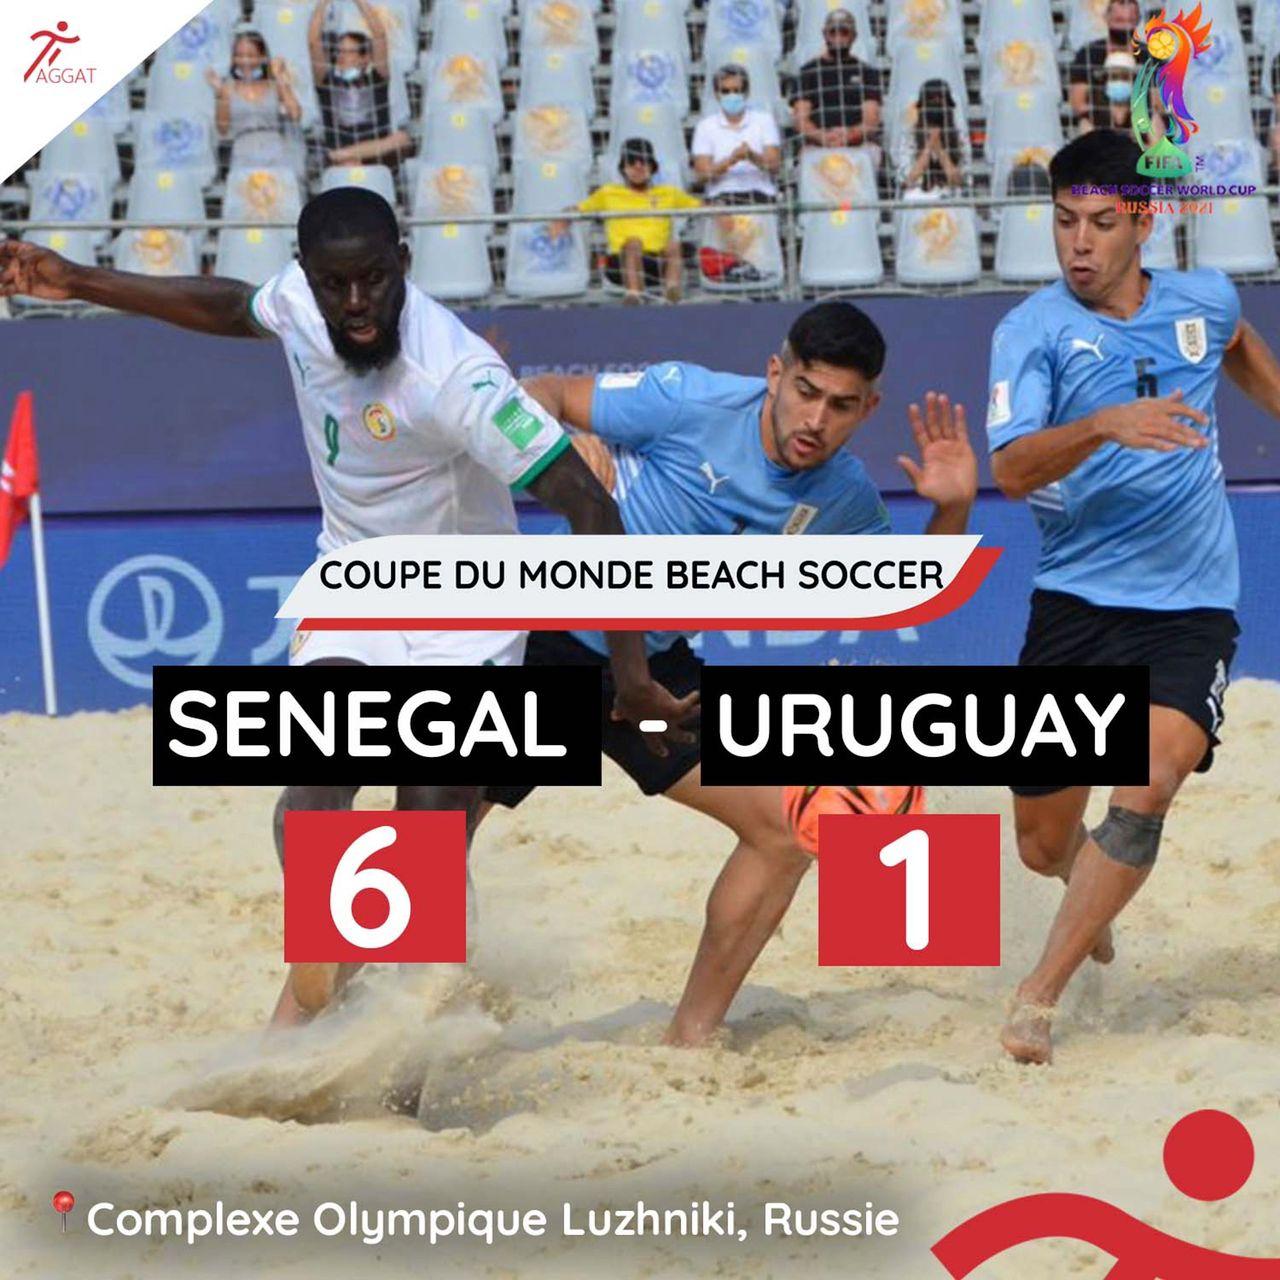 Coupe du monde Beach Soccer: Le Sénégal étrille l'Uruguay par 6 à 1